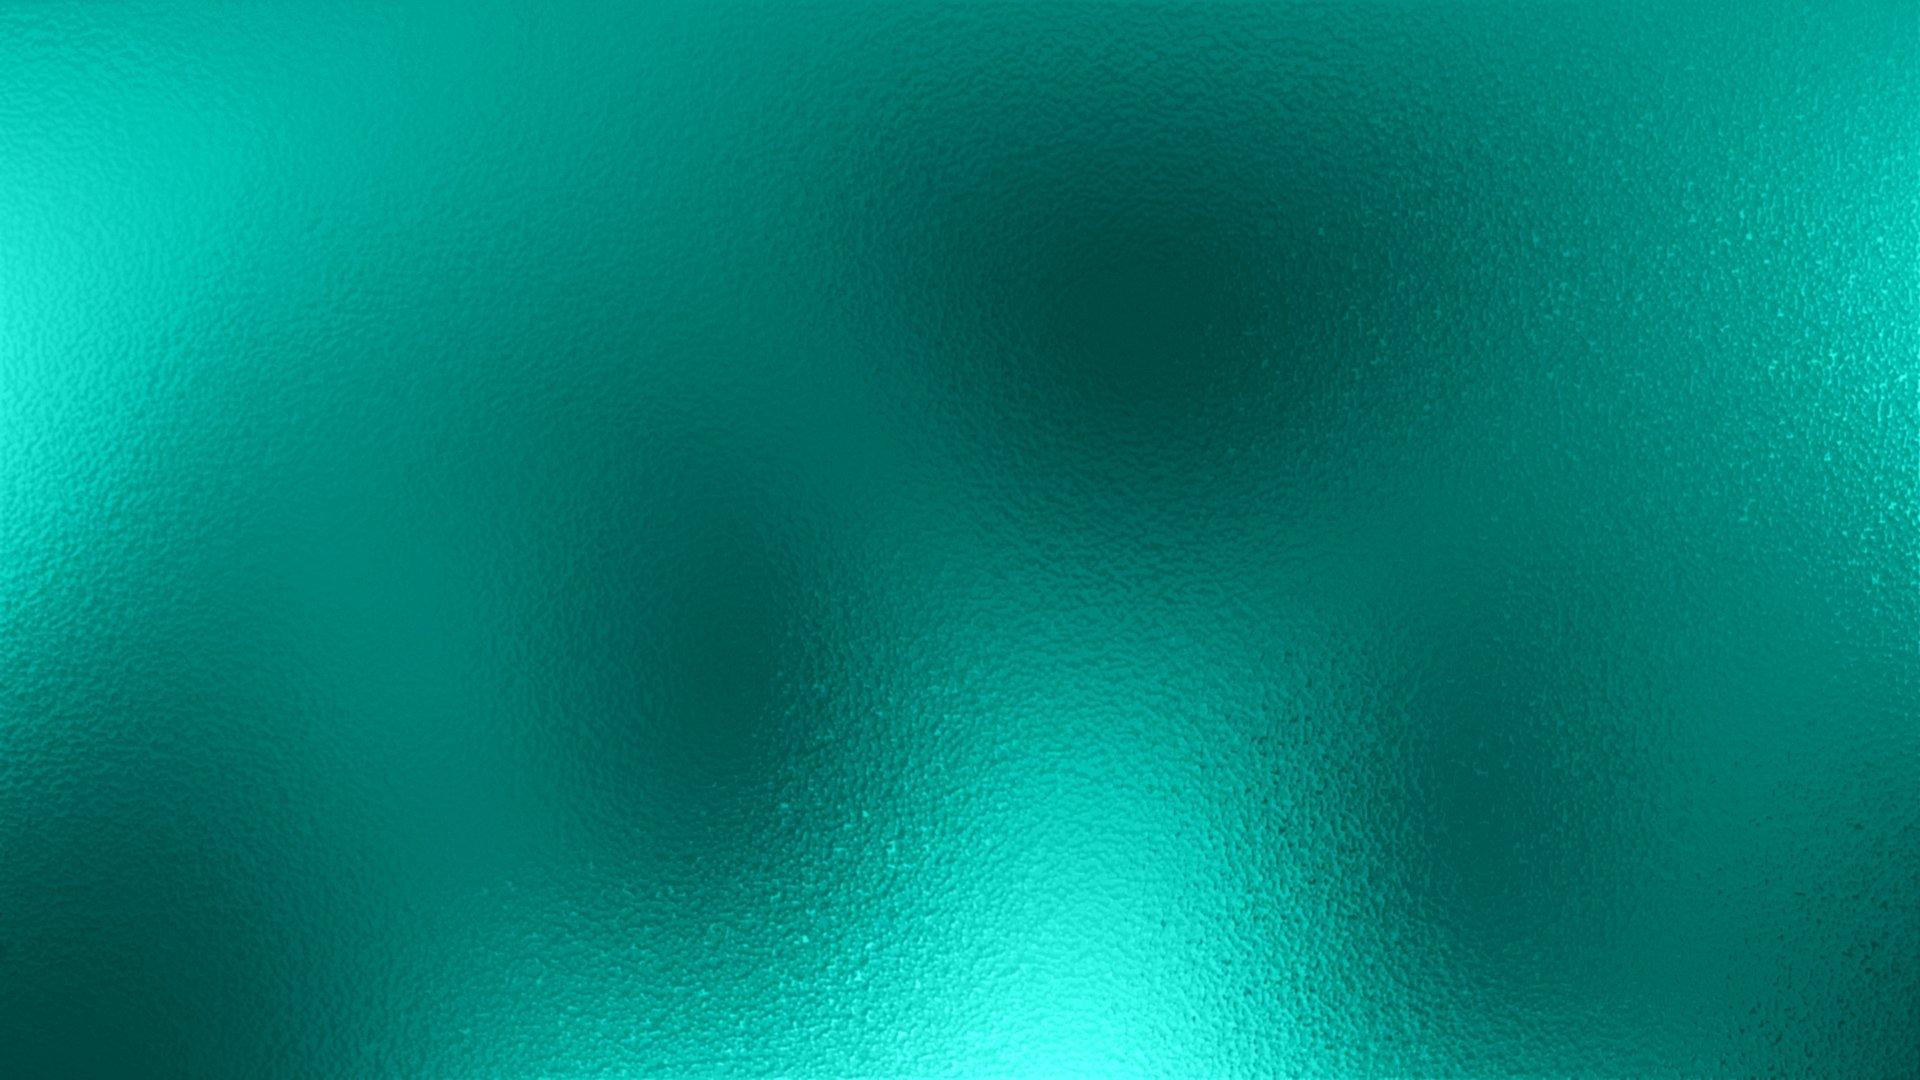 смотреть однотонные картинки рей